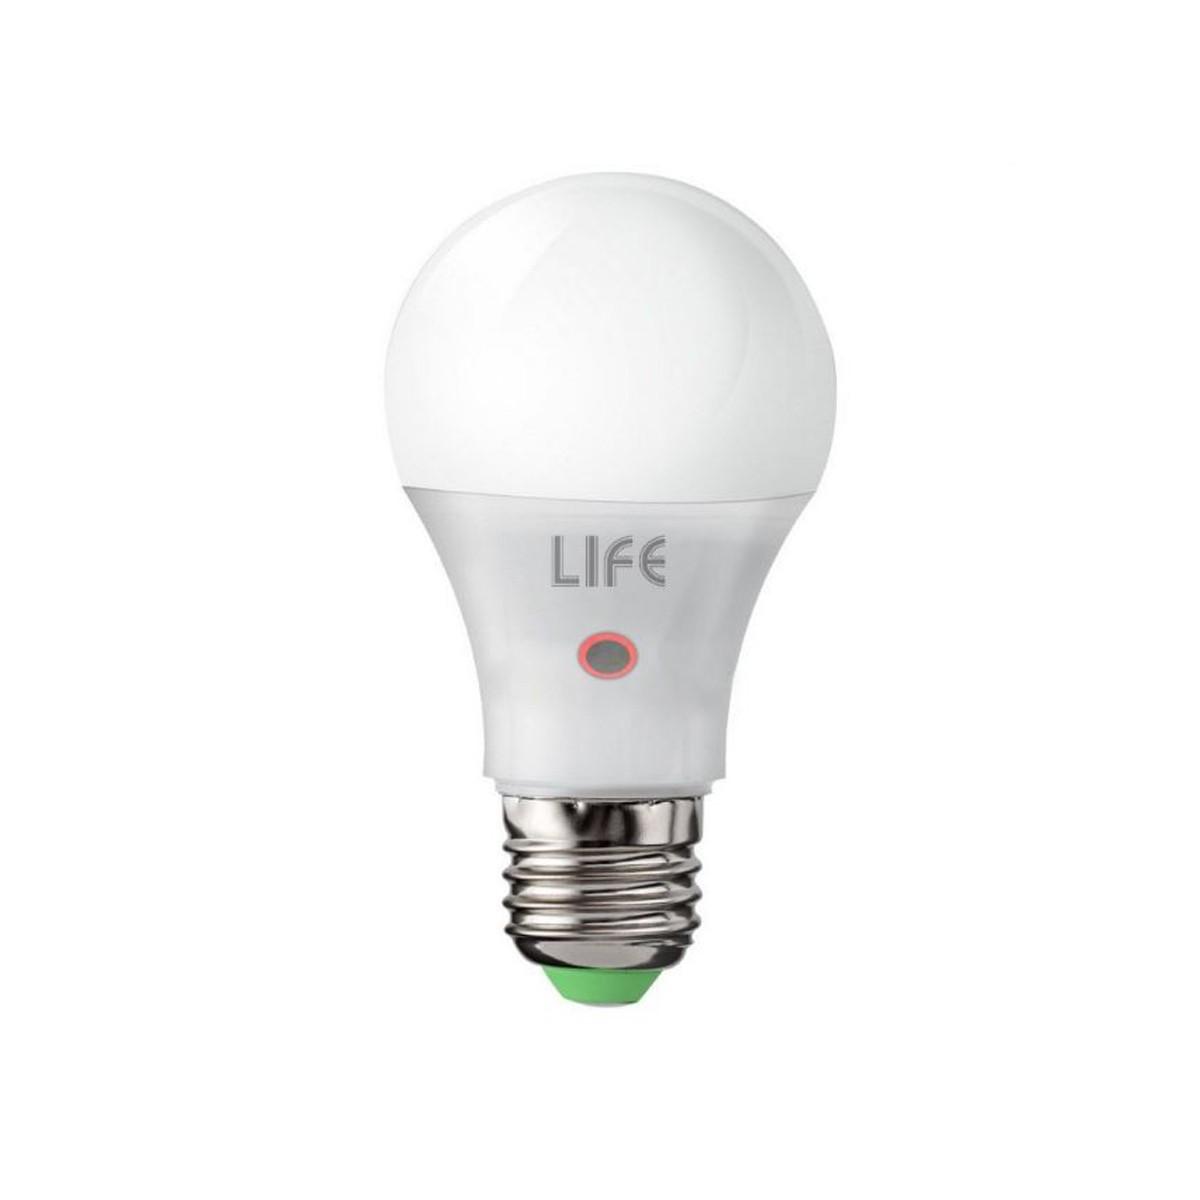 Lampada Lampadina Led Life Goccia 60GF 9W Luce Naturale 4000K 880 Lm Attacco E27